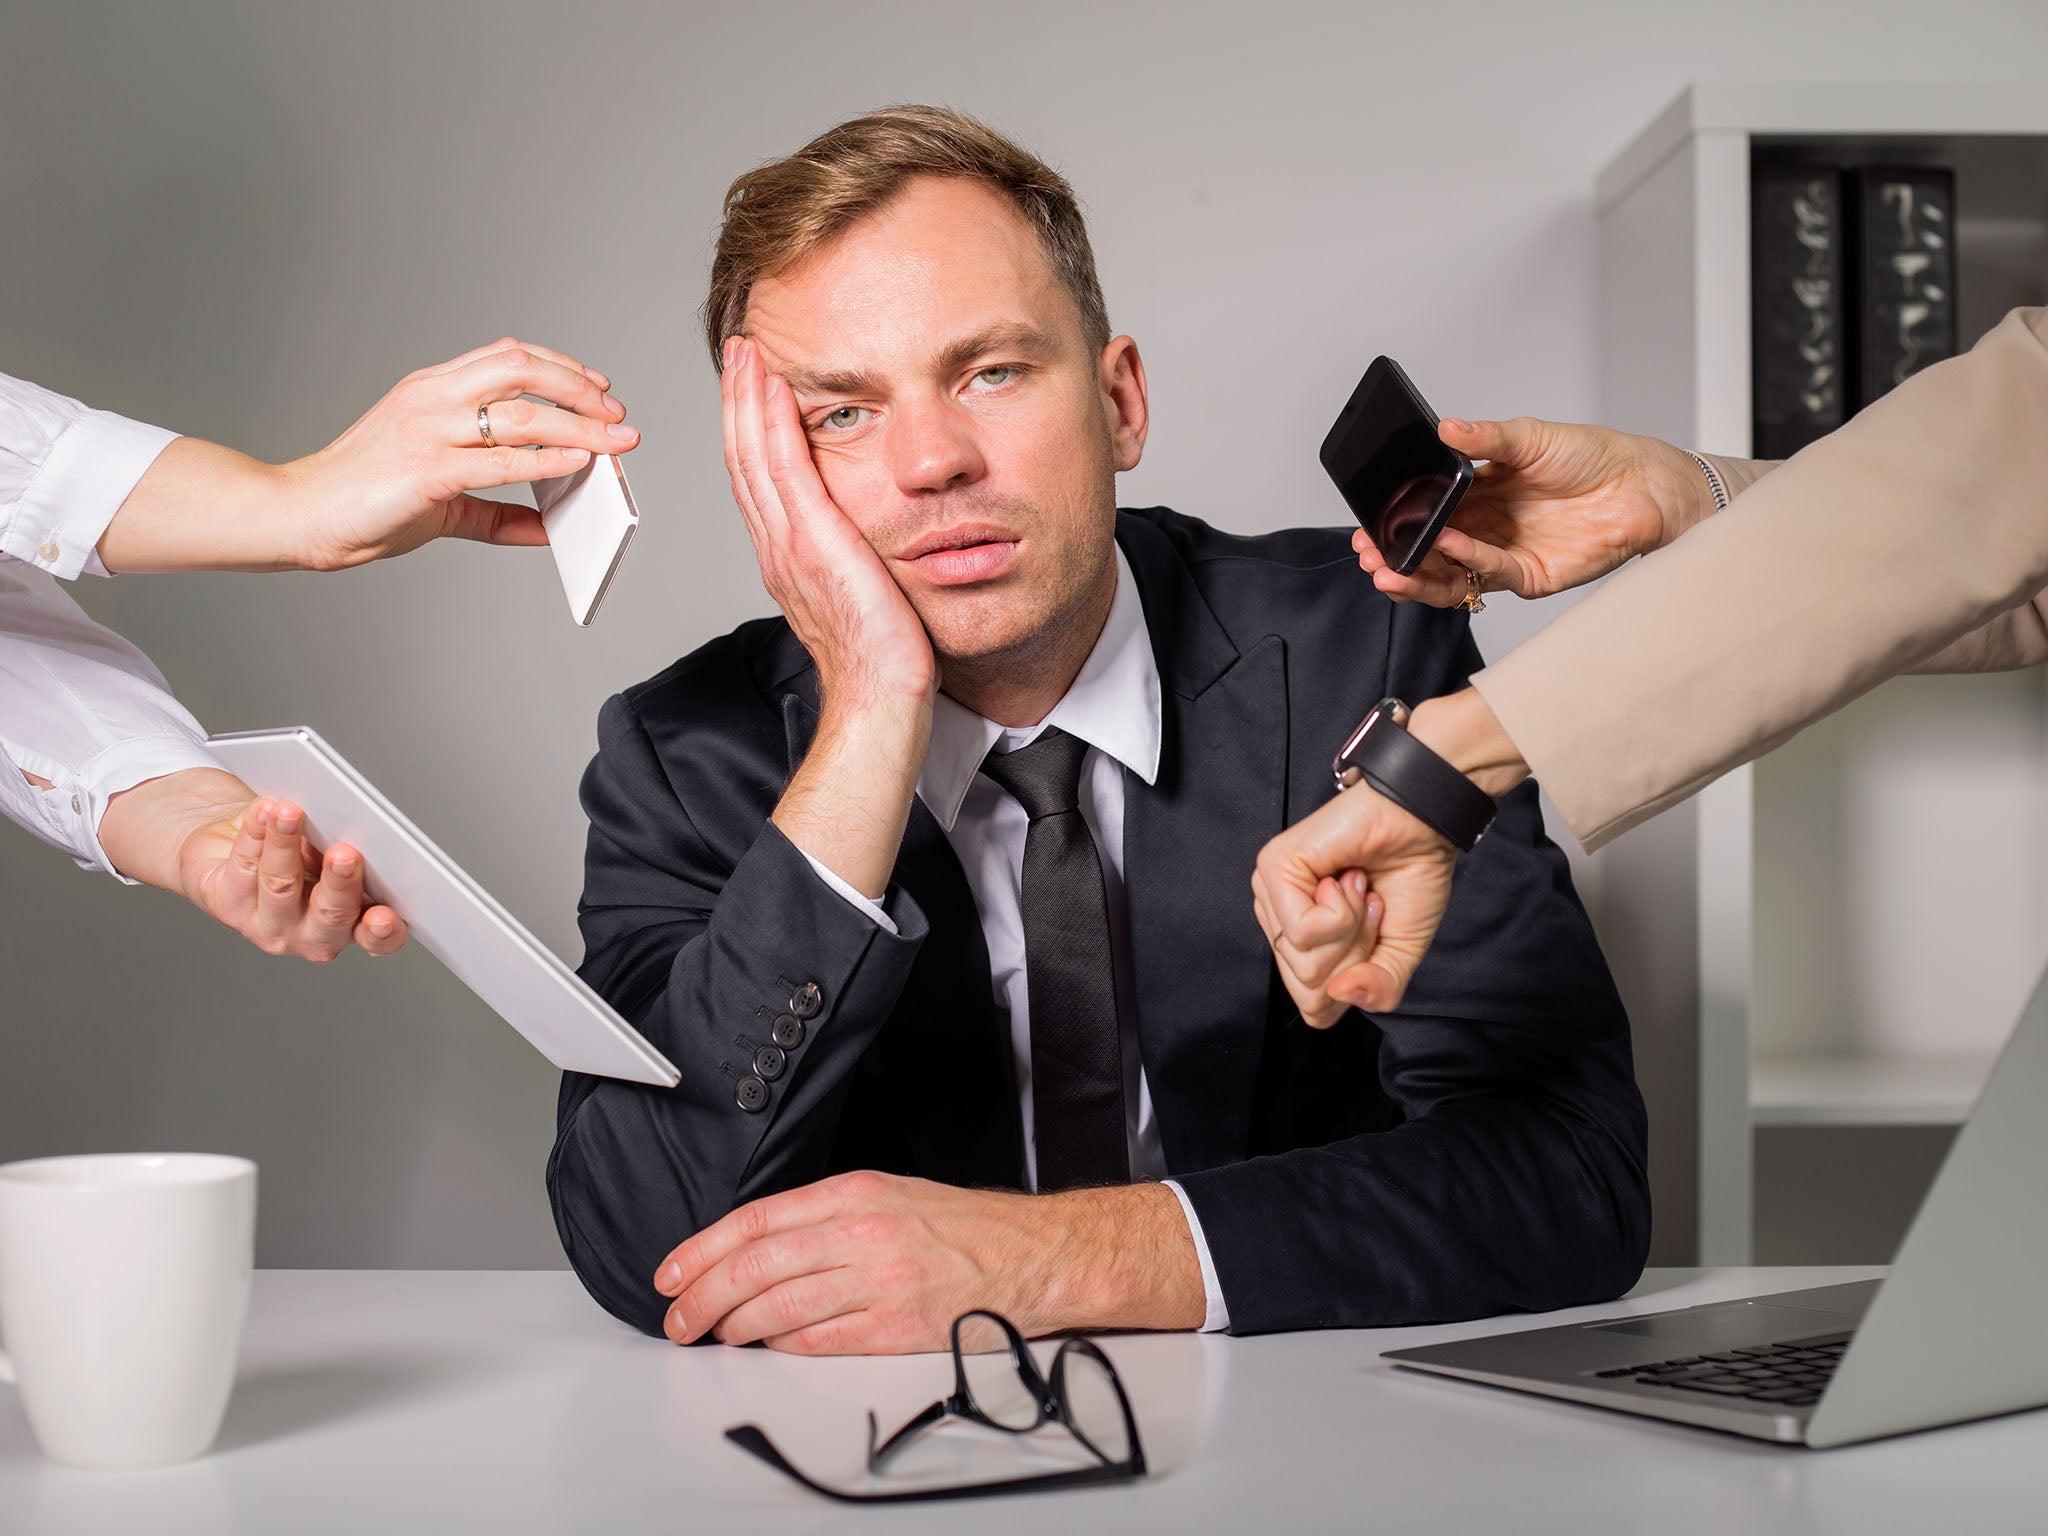 Смешные картинки про стрессоустойчивость, надписью